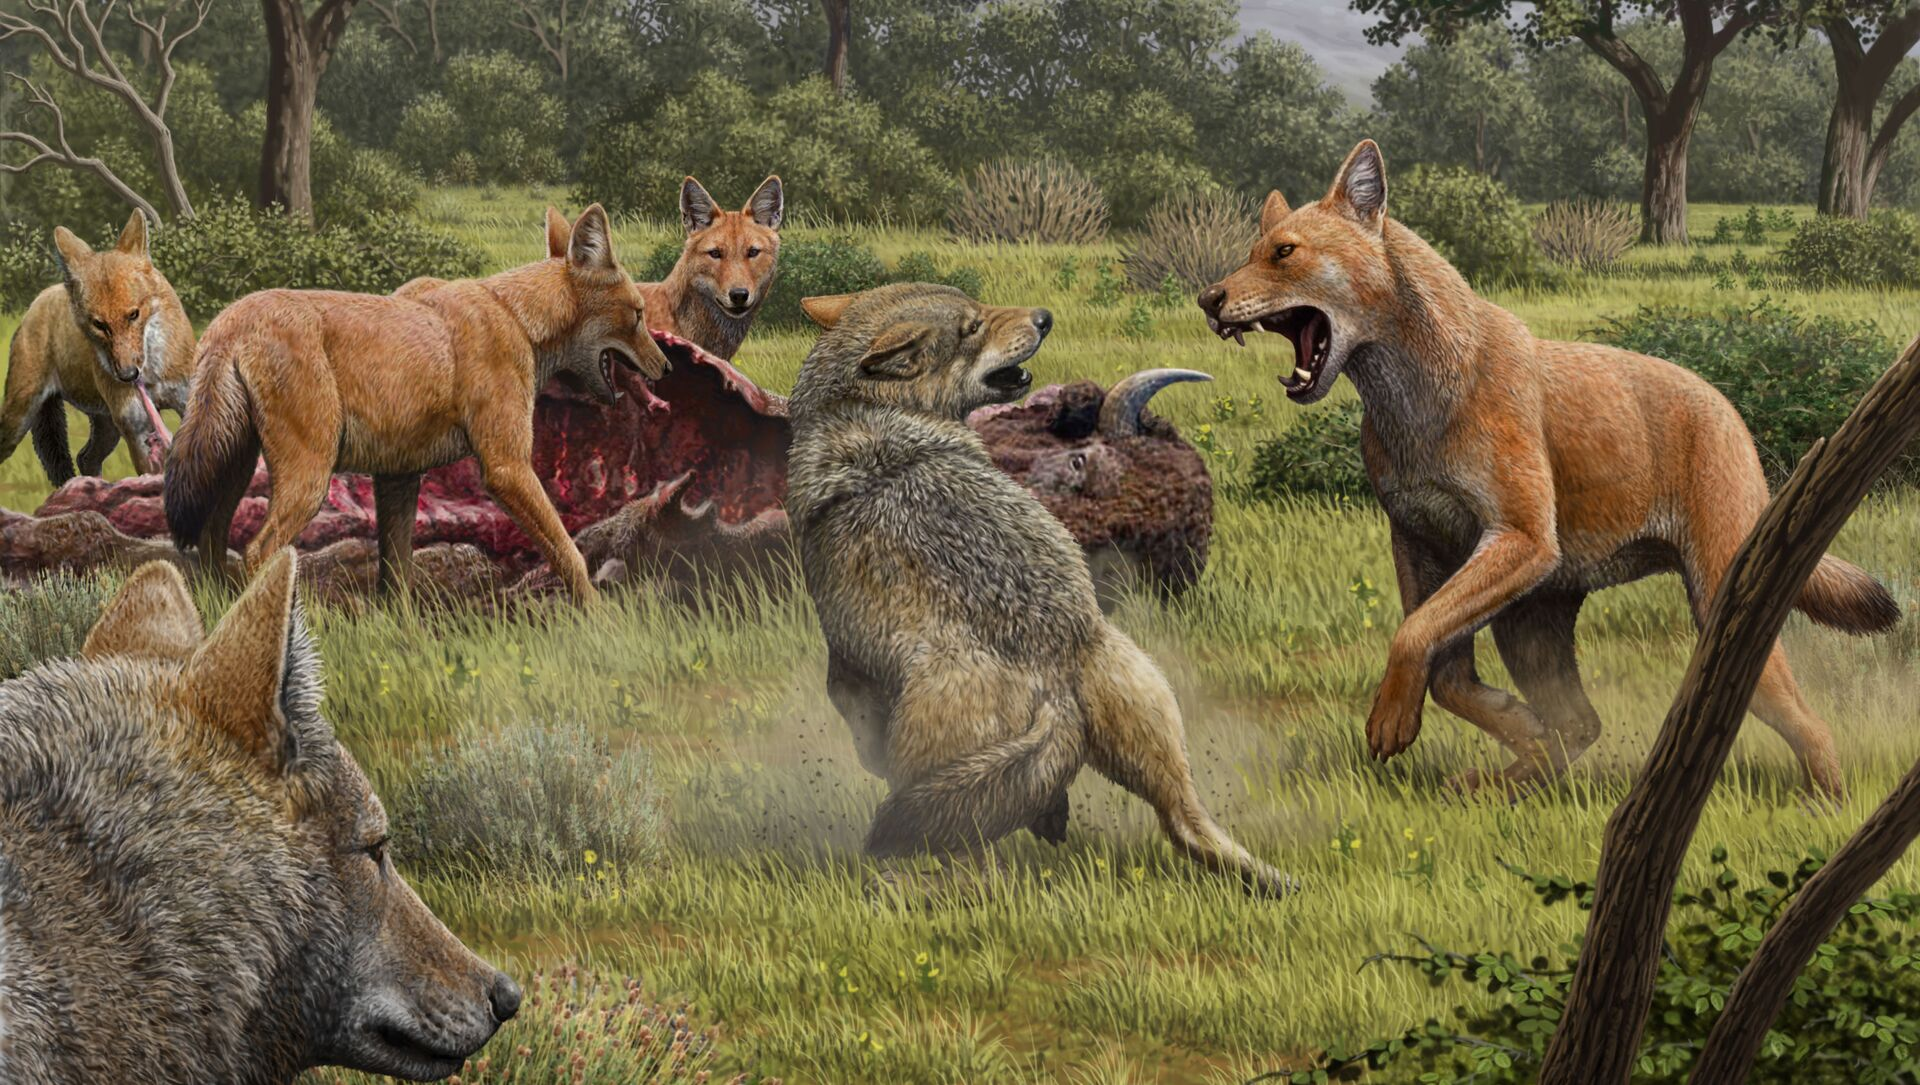 Una manada de lobos terribles (Canis dirus) se alimenta mientras que unos lobos grises se acercan para compartir la comida - Sputnik Mundo, 1920, 15.01.2021